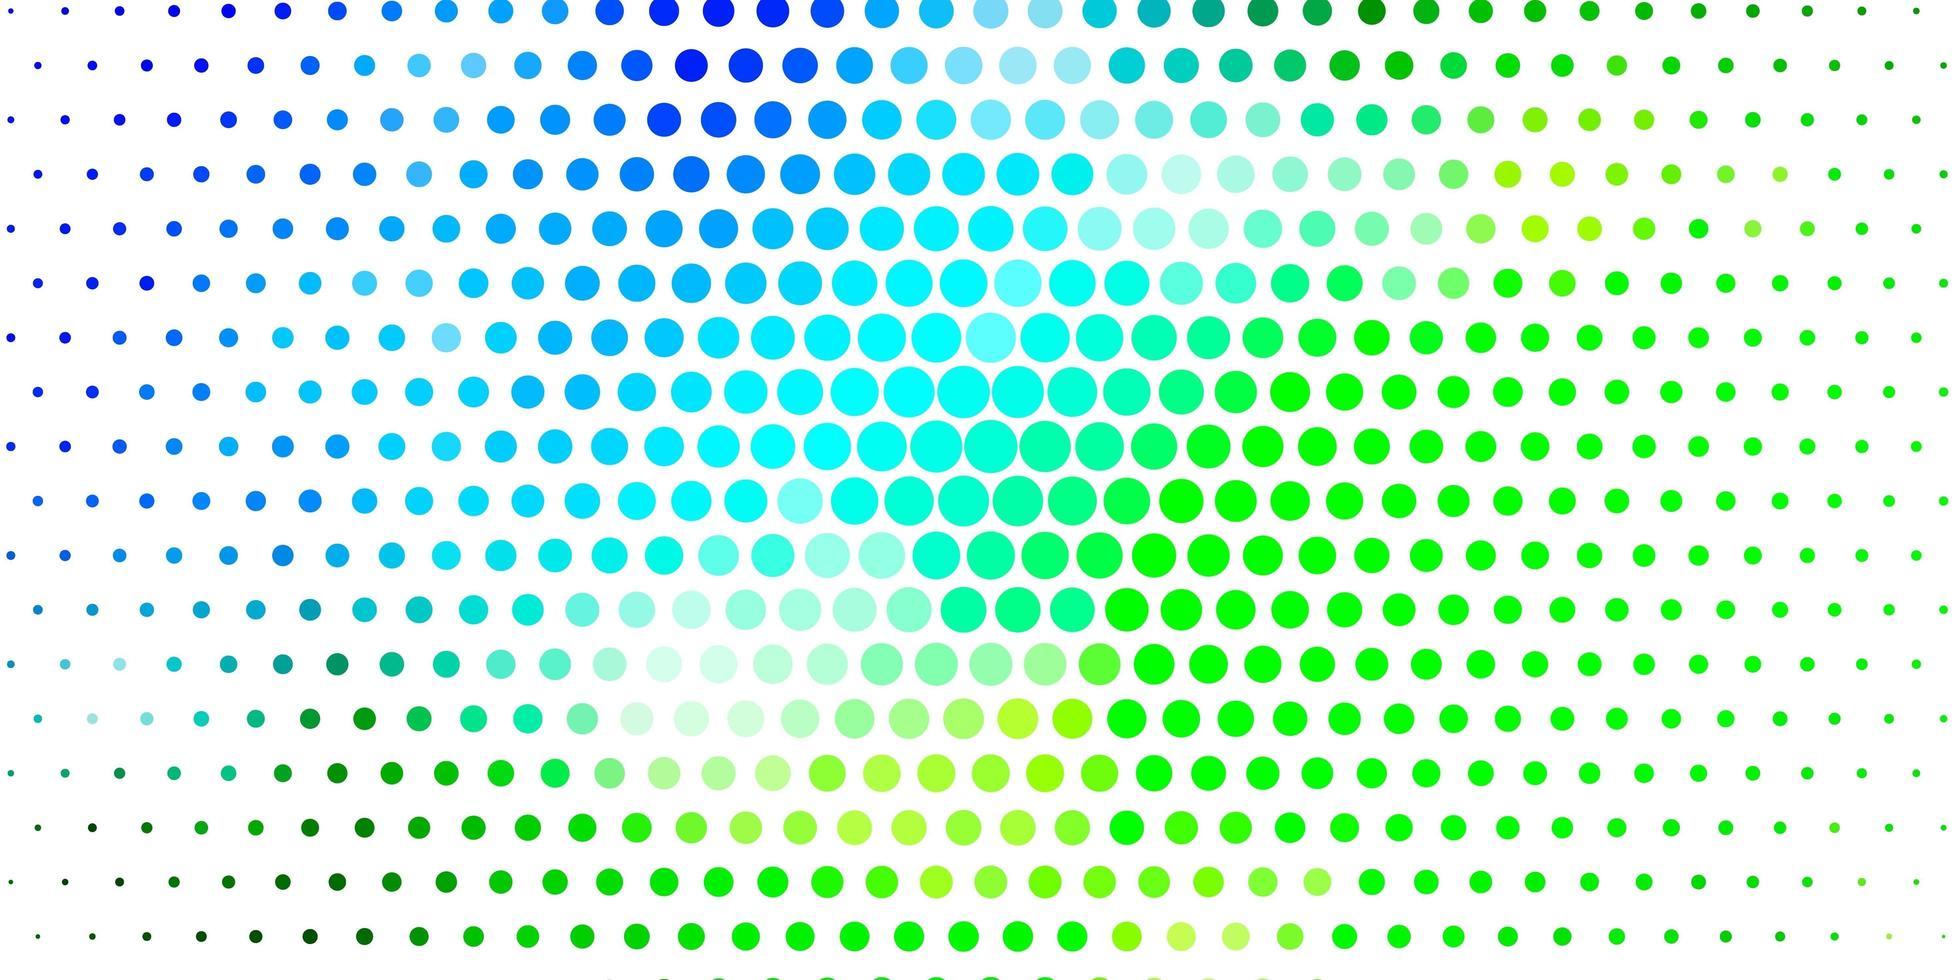 diseño de vector azul claro, verde con formas circulares.